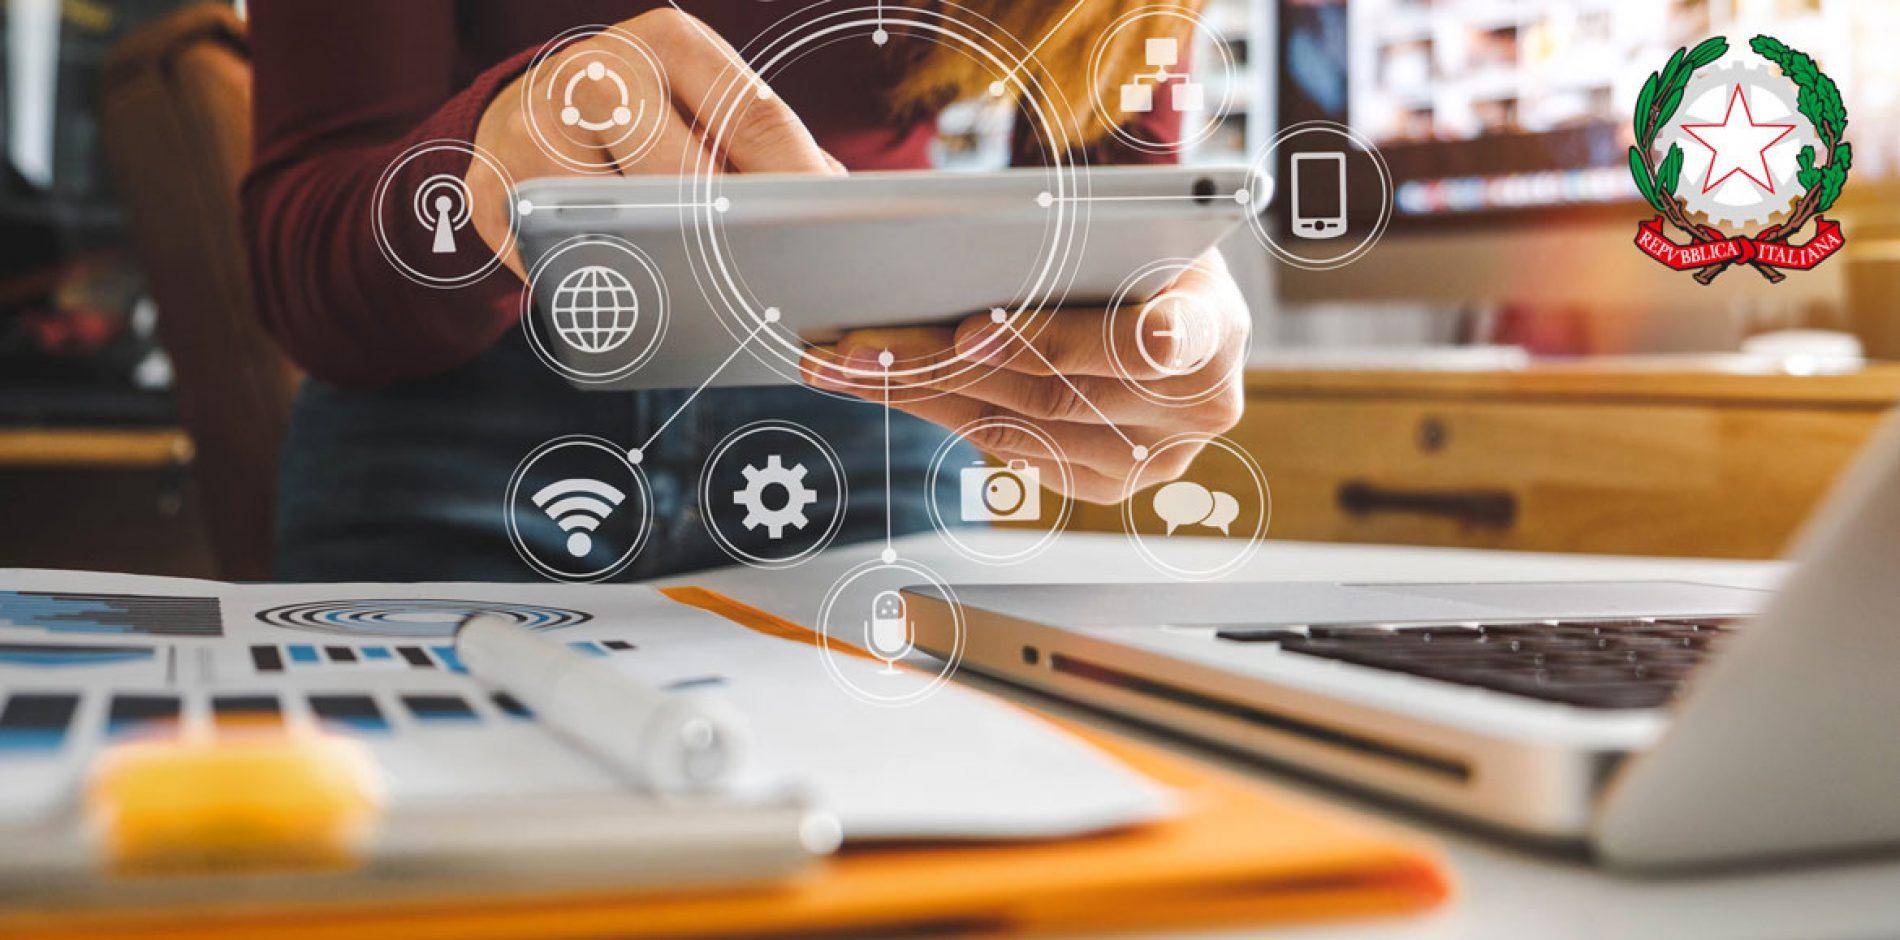 Governo: misure per la semplificazione e l'innovazione digitale